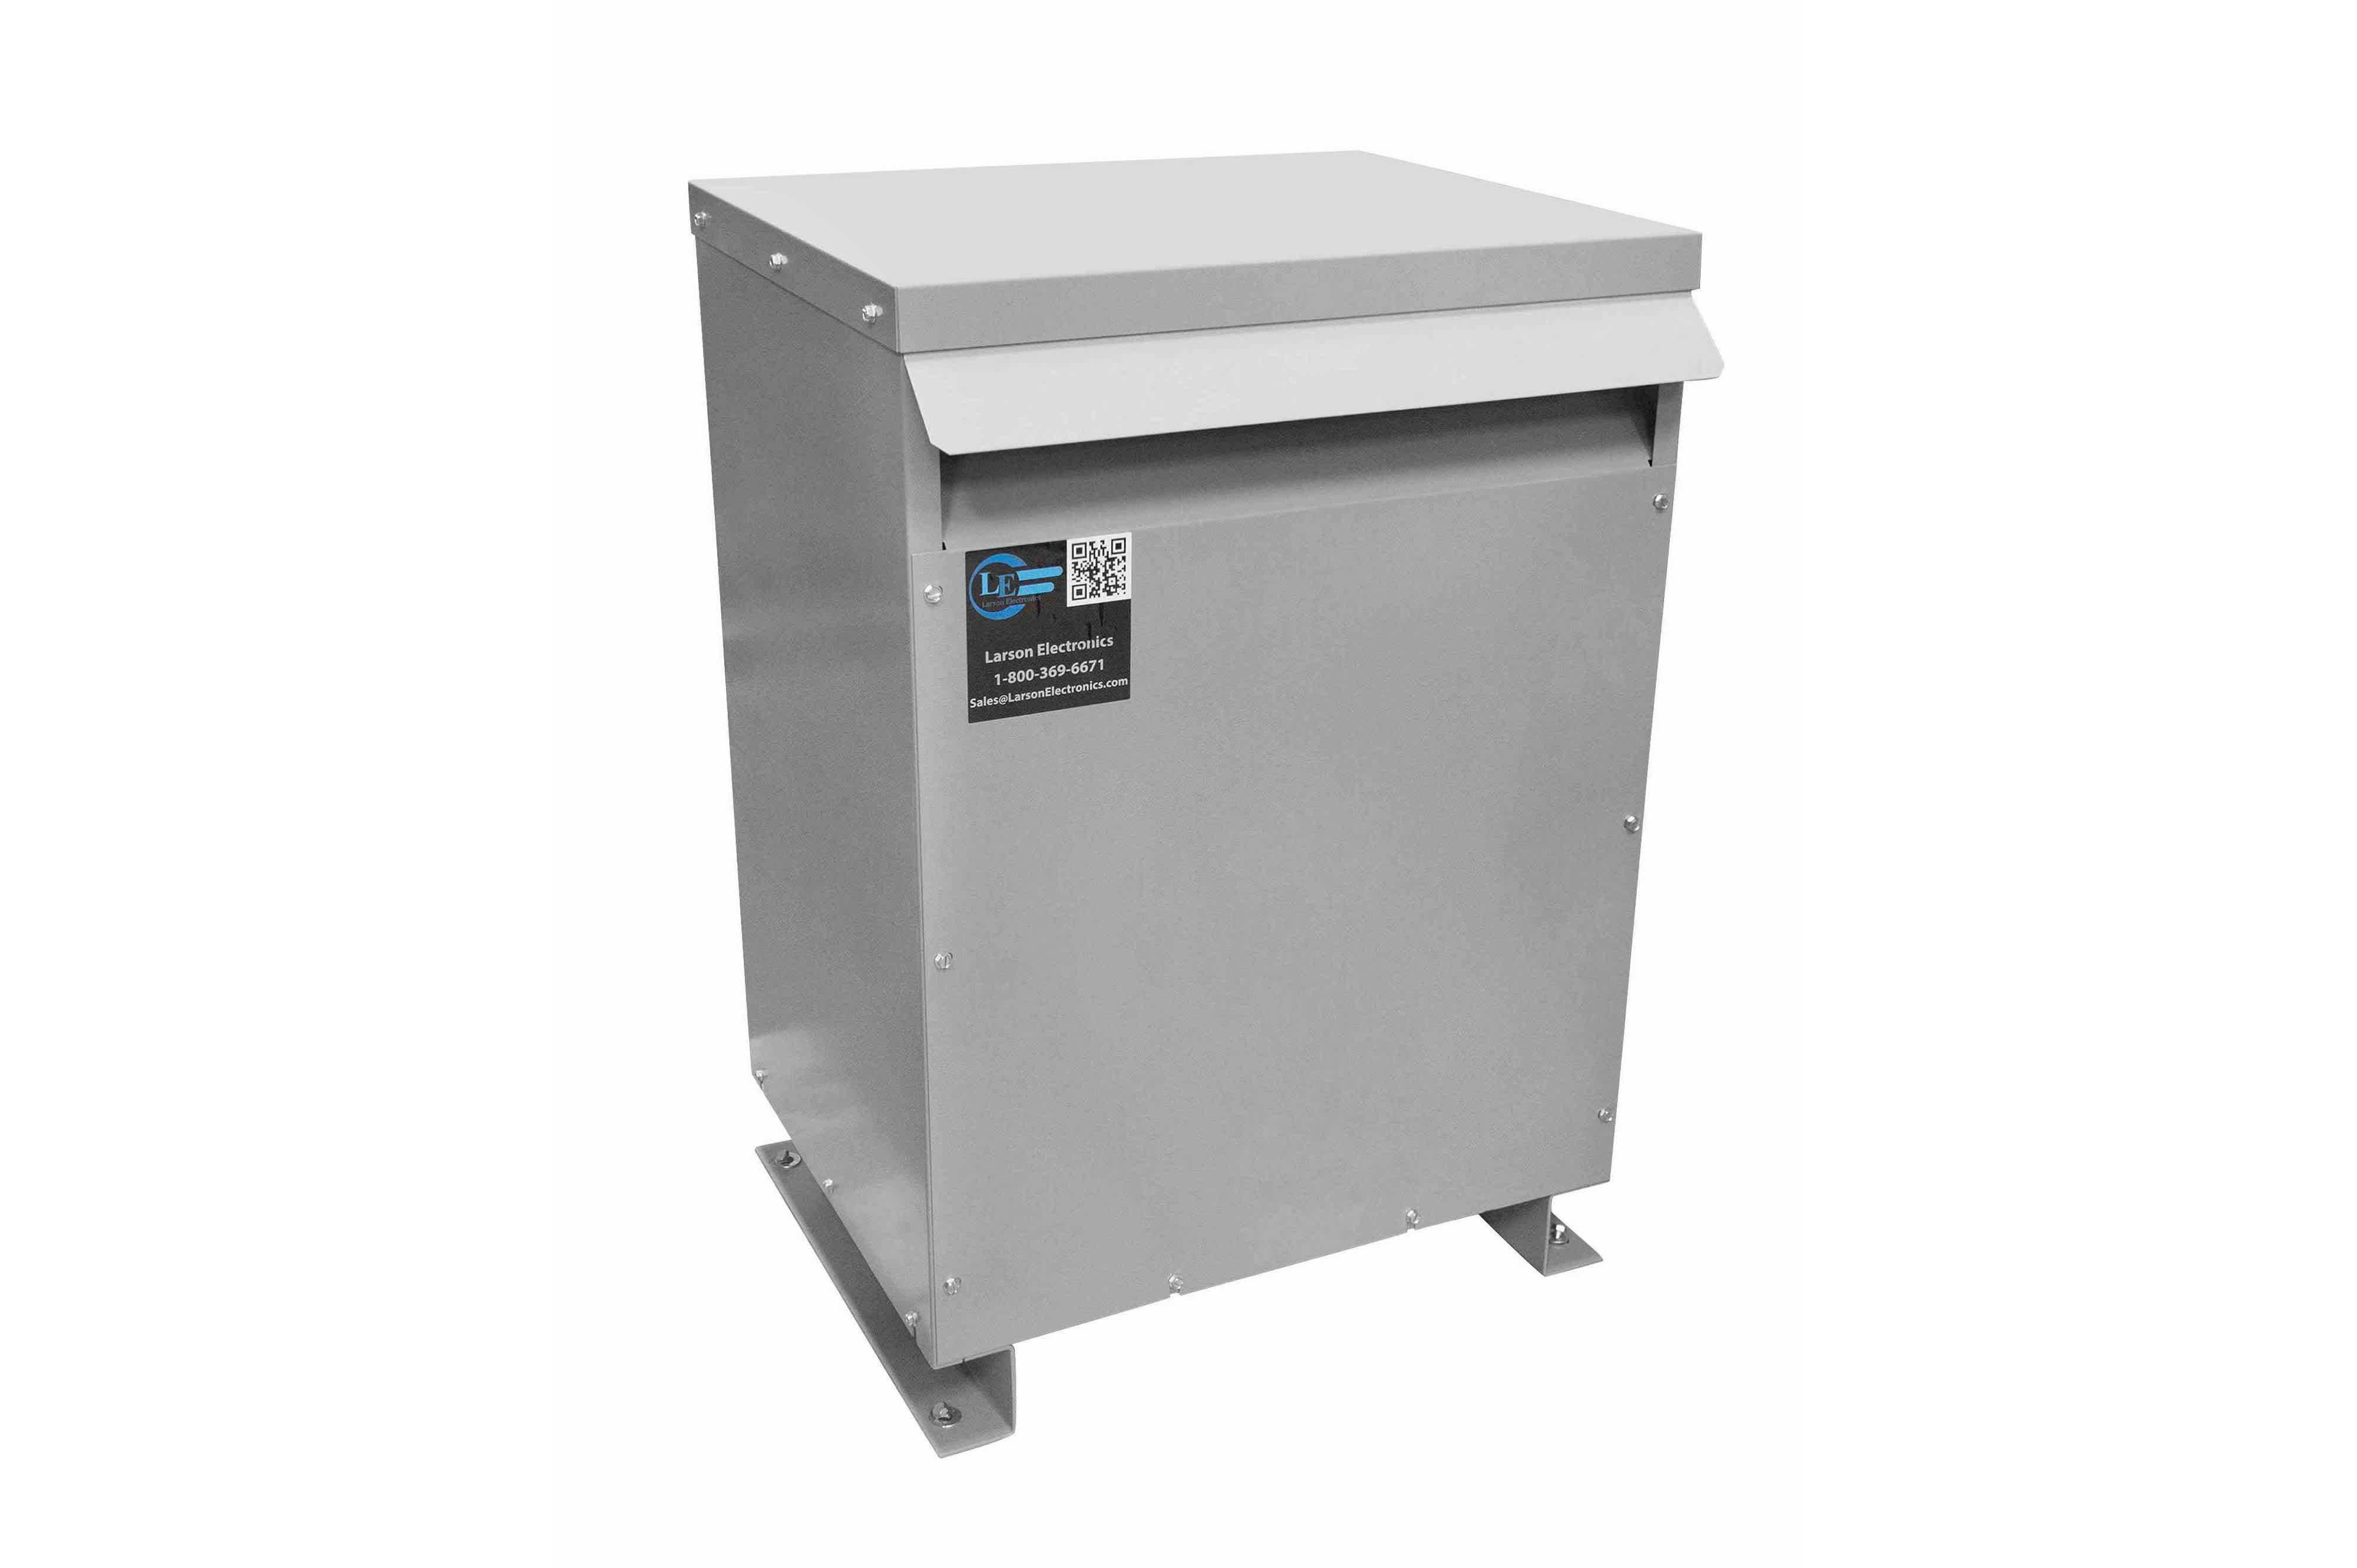 27 kVA 3PH Isolation Transformer, 480V Delta Primary, 240 Delta Secondary, N3R, Ventilated, 60 Hz